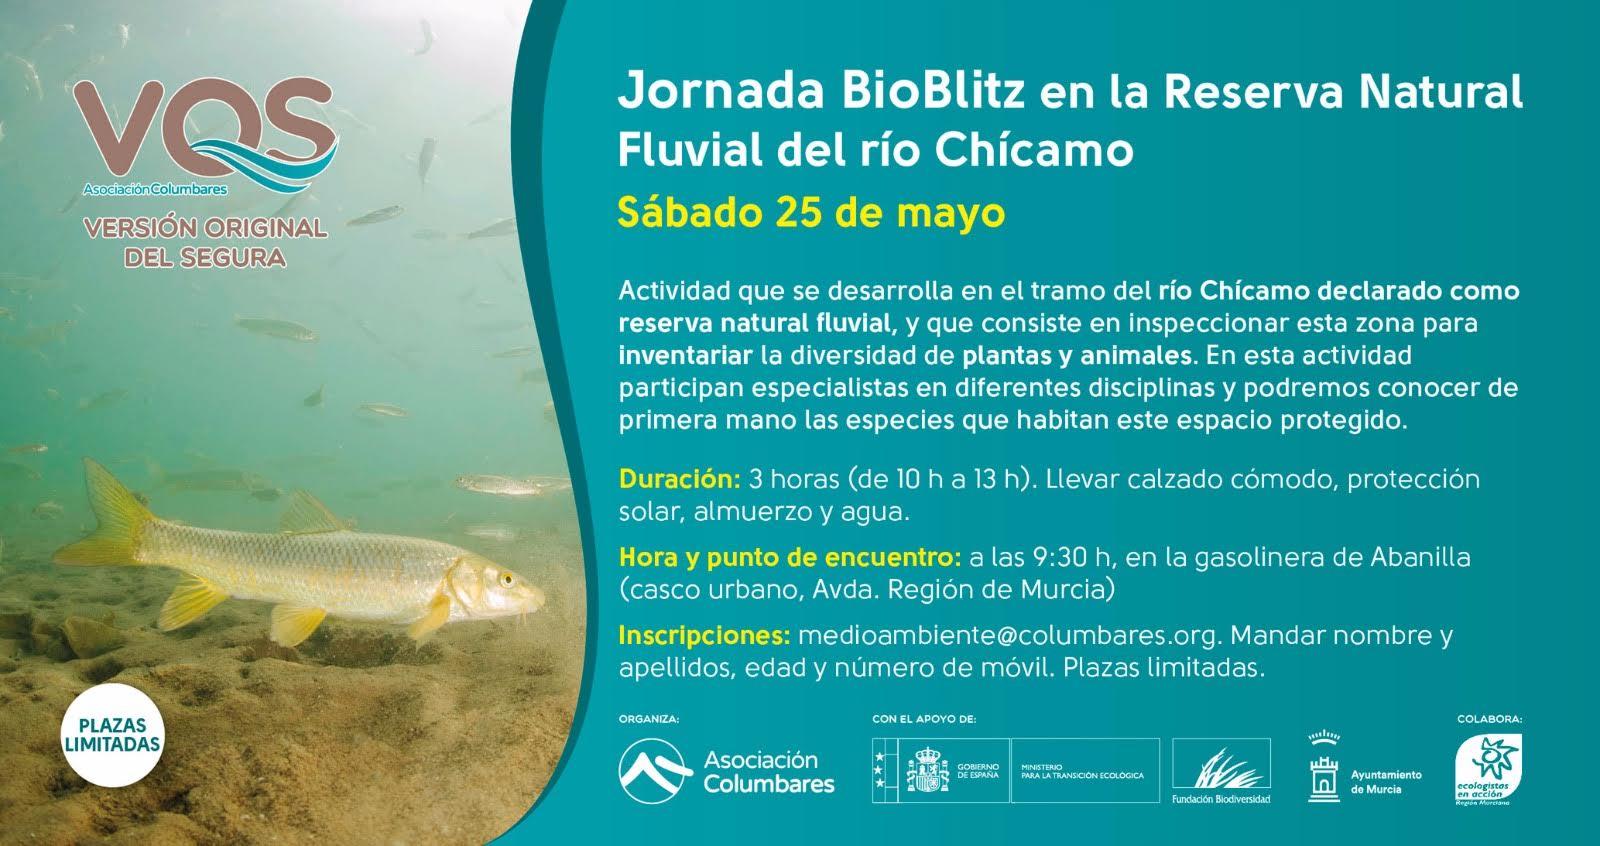 Jornada BioBlitz río Chícamo, con Columbares